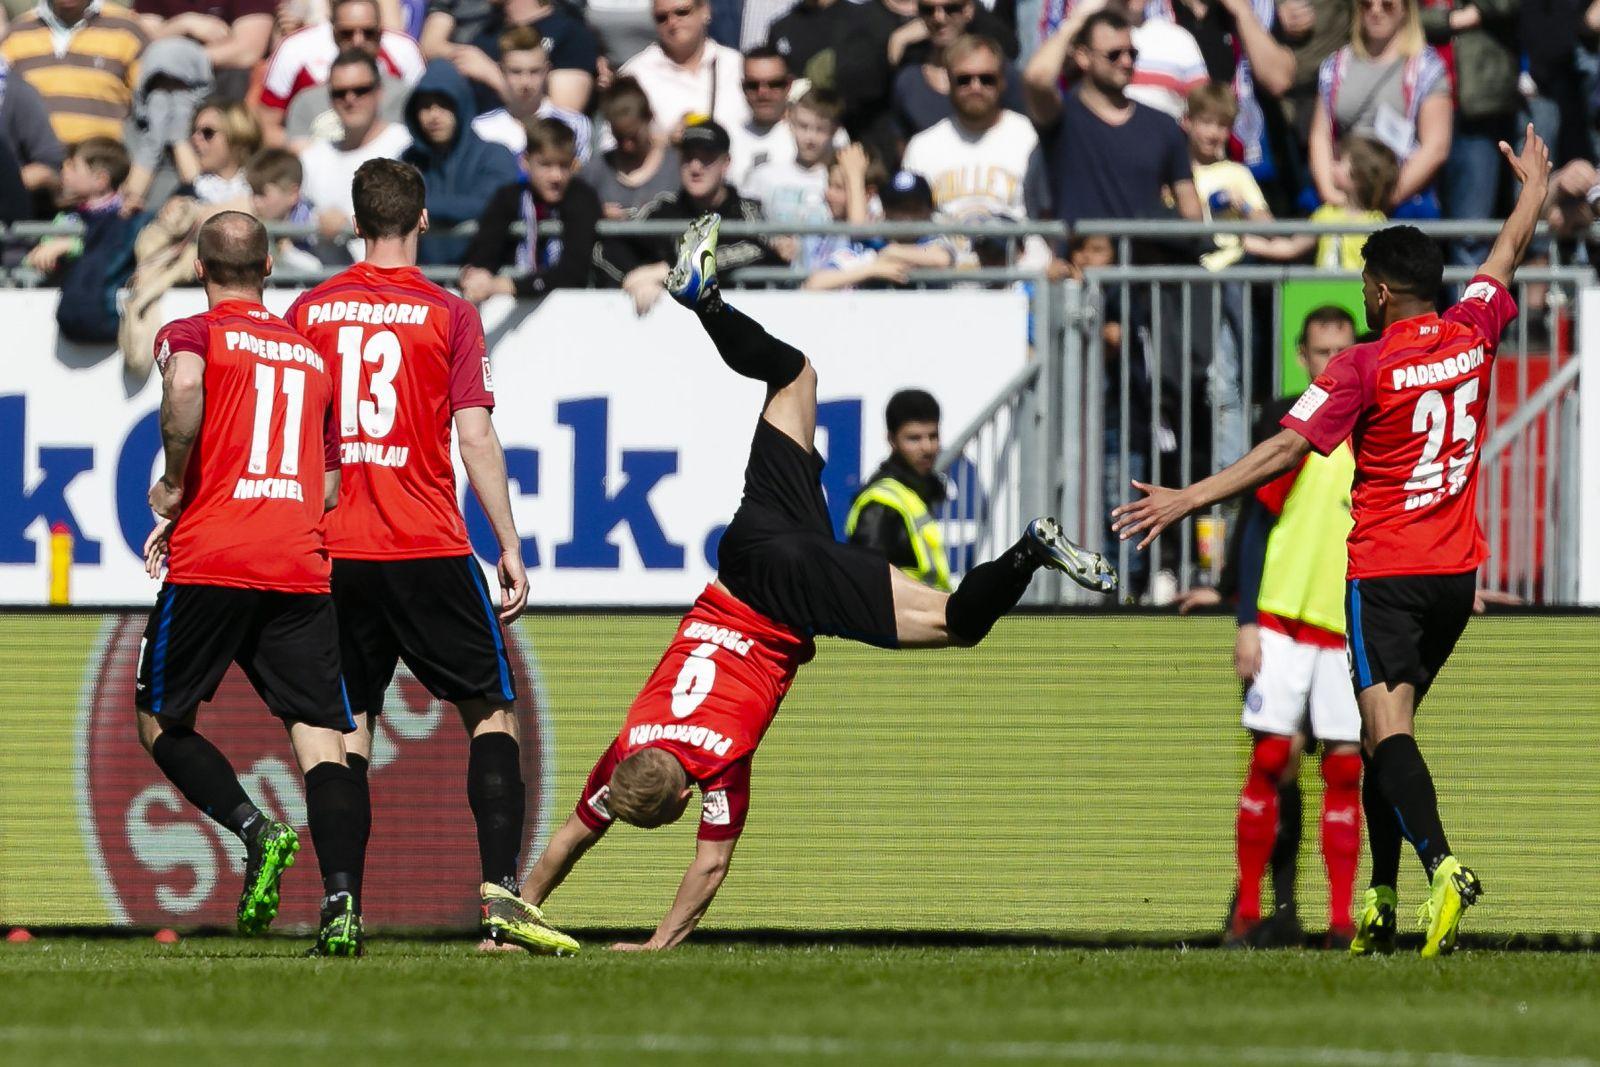 Holstein Kiel - SC Paderborn 07